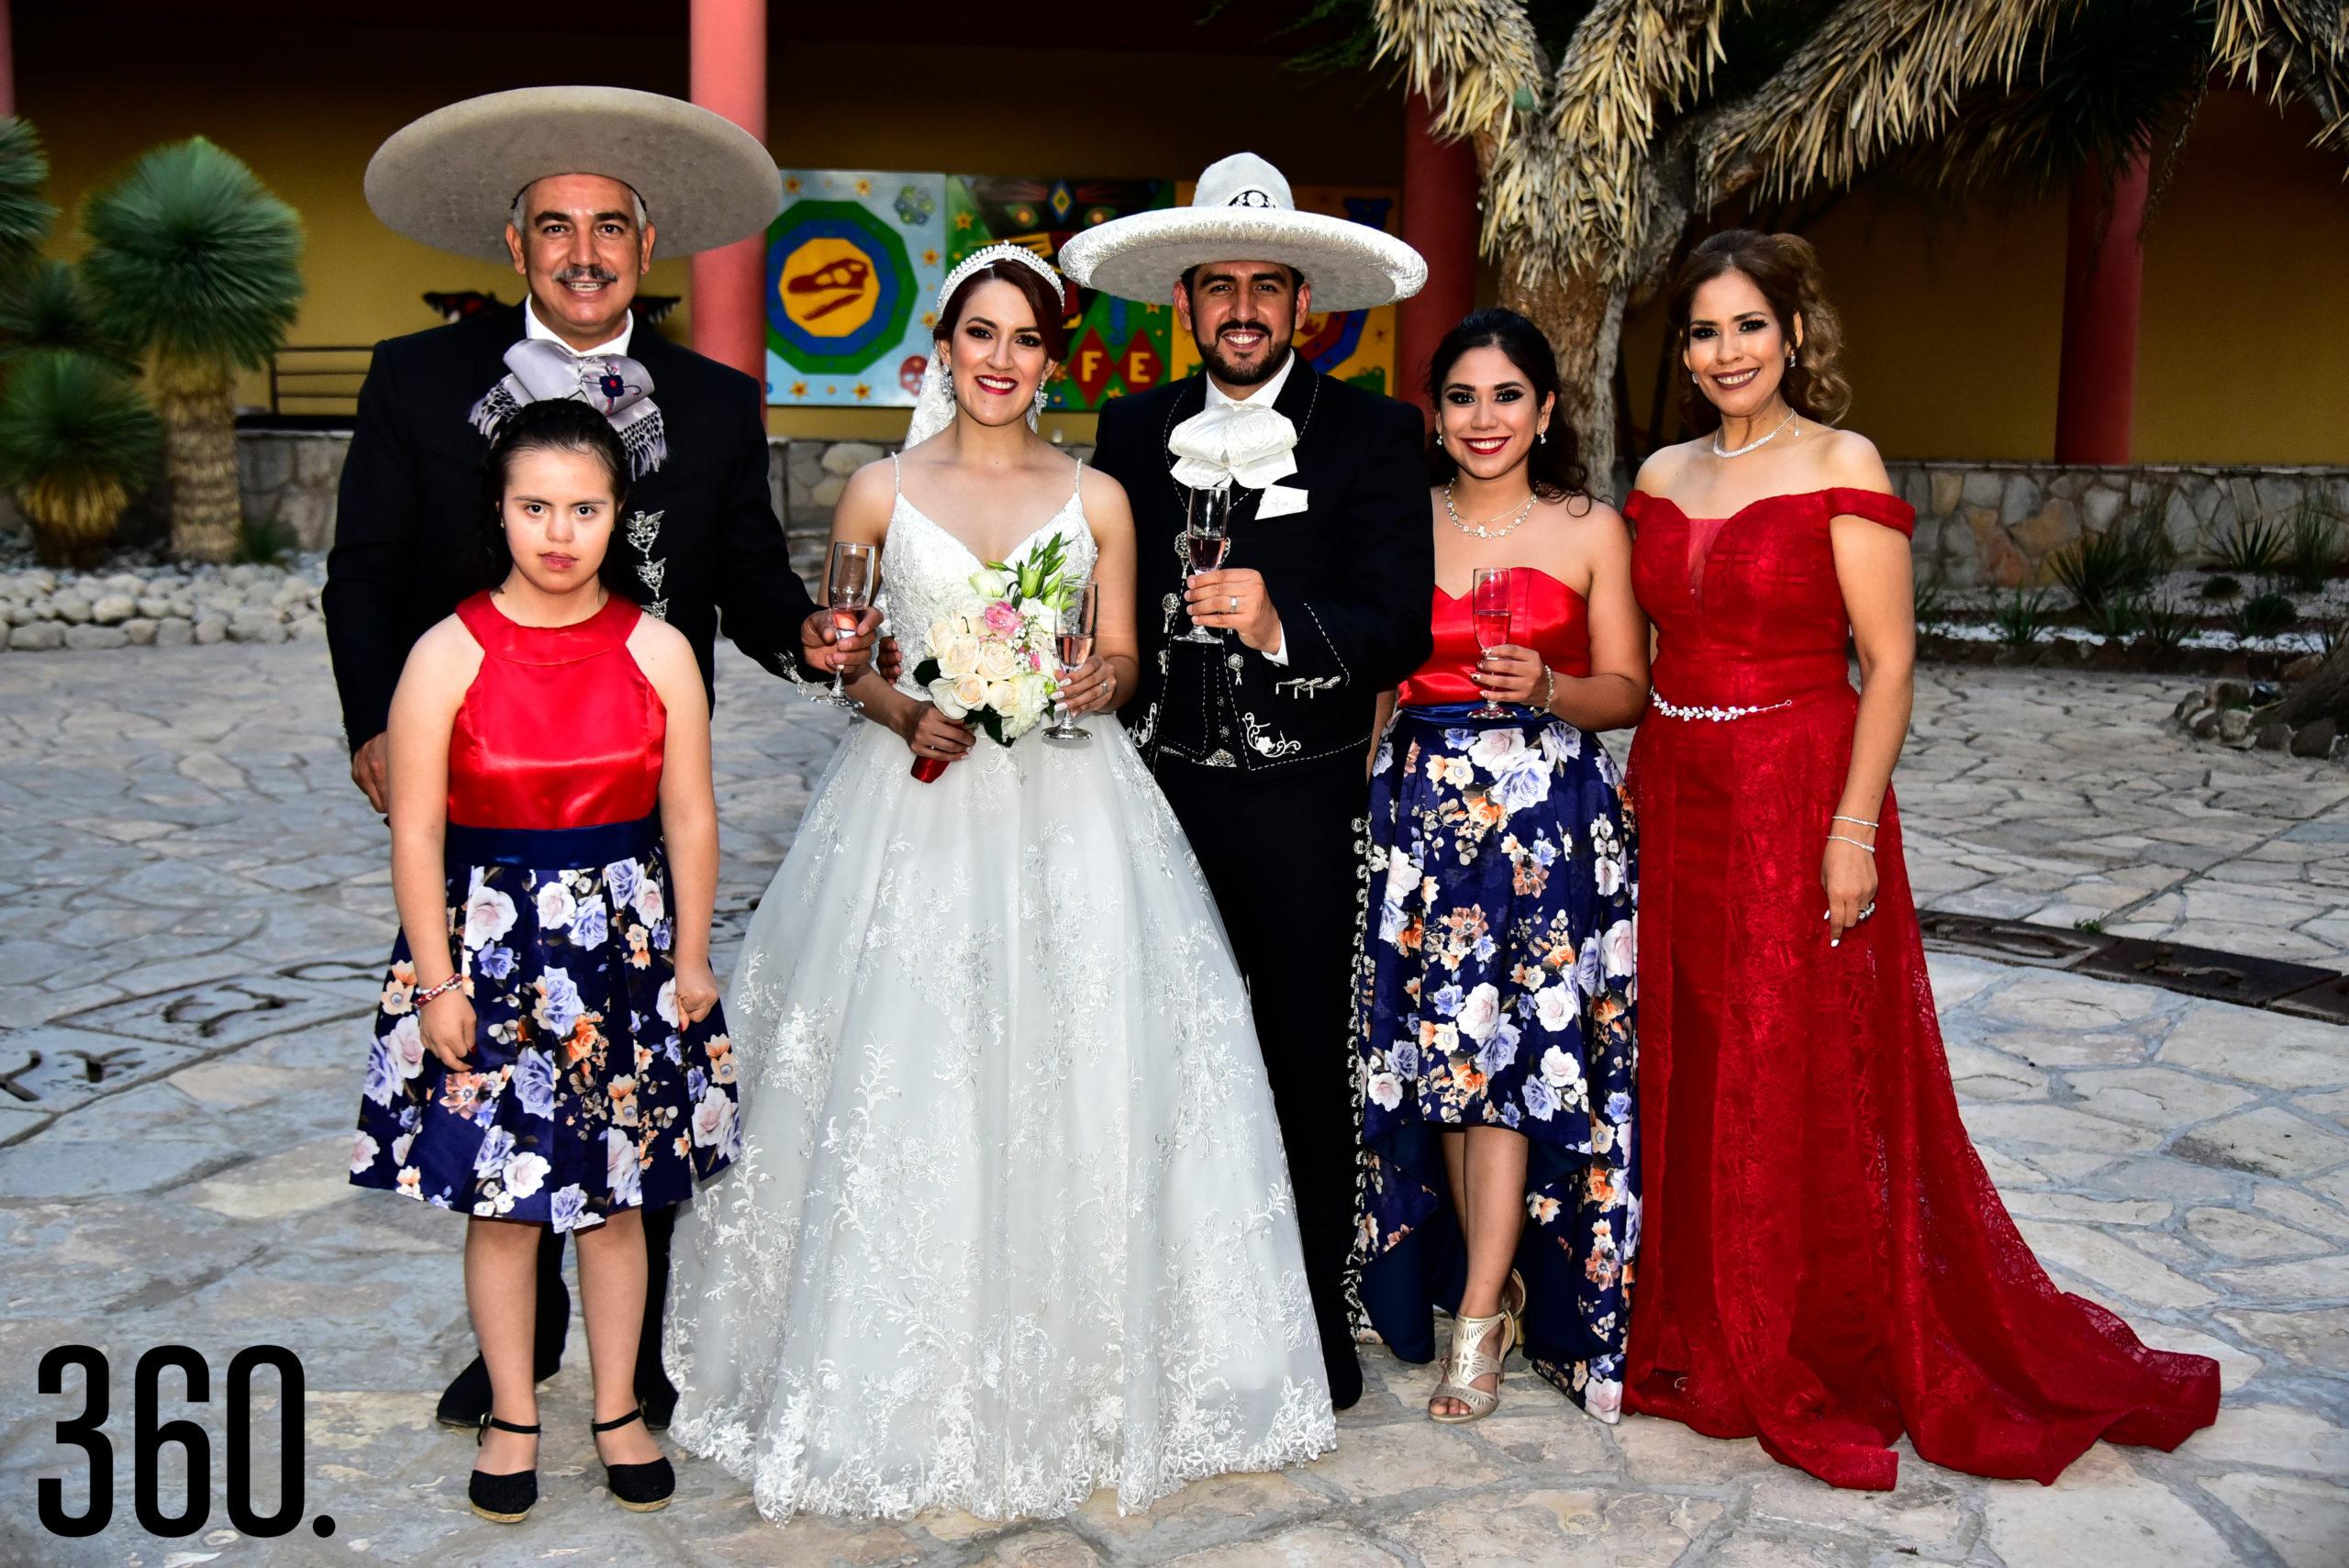 María Rene Ríos, Gabriel Ríos, Valeria Flores, Rudiger Gabriel Ríos, Gabriela Denise Ríos y María De Jesús Valles.